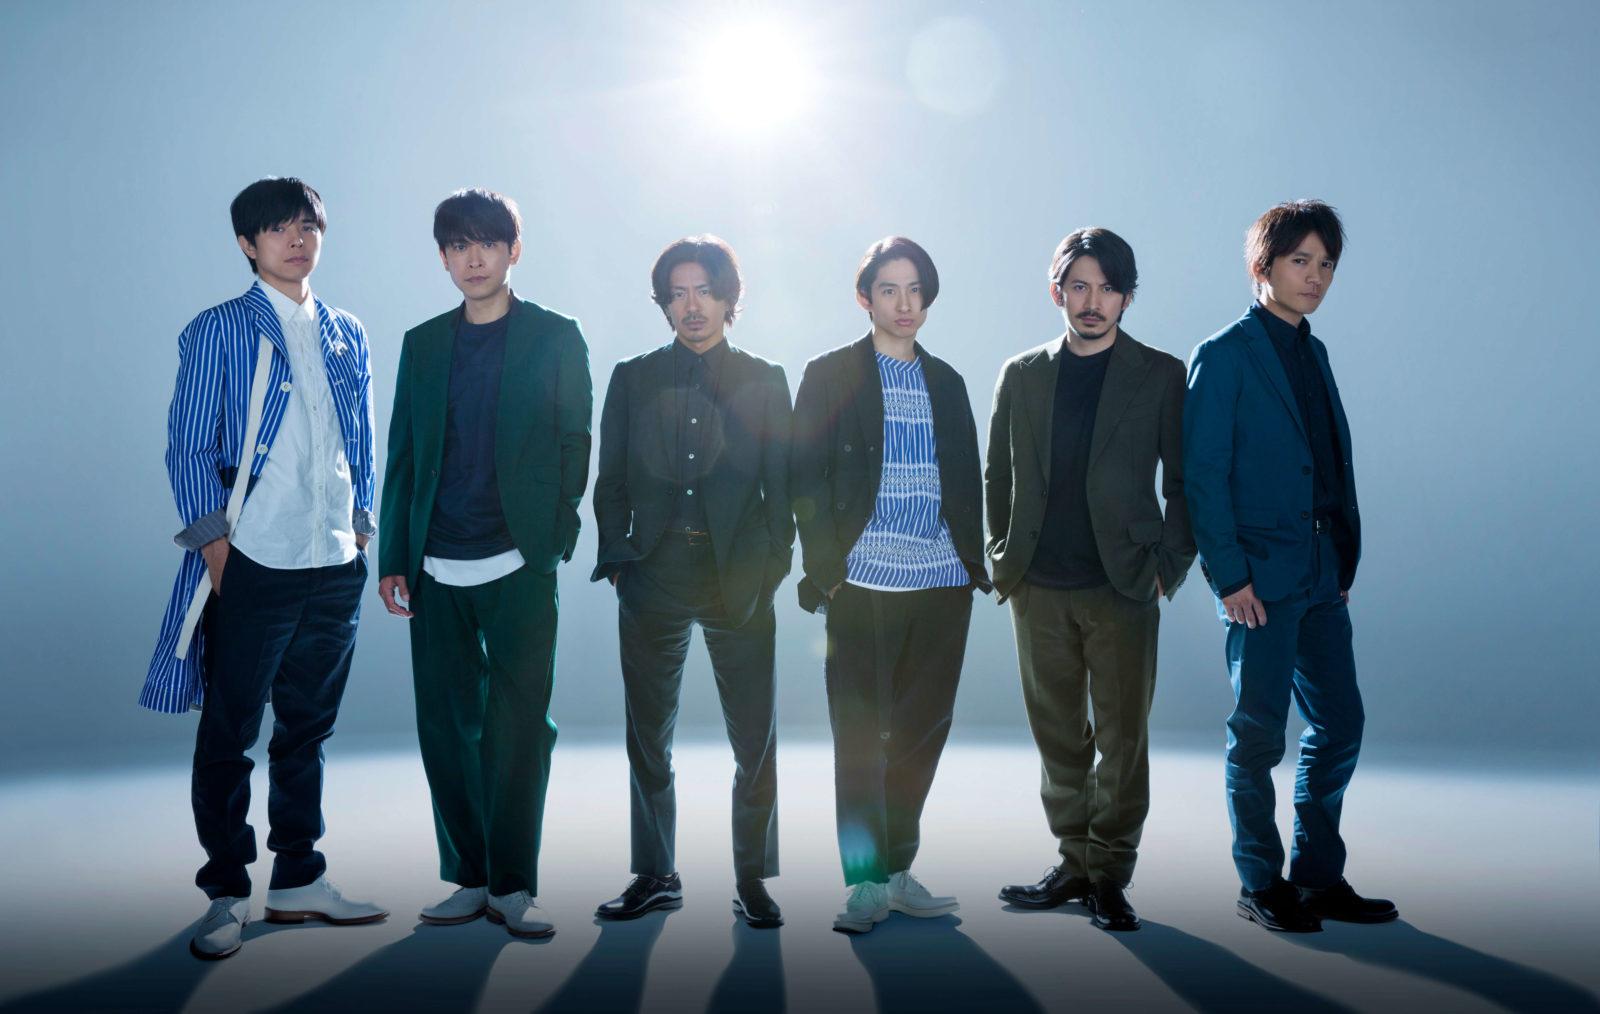 V6、新曲がアニメ「ワンピース」新主題歌に決定!本人たちのコメントも到着サムネイル画像